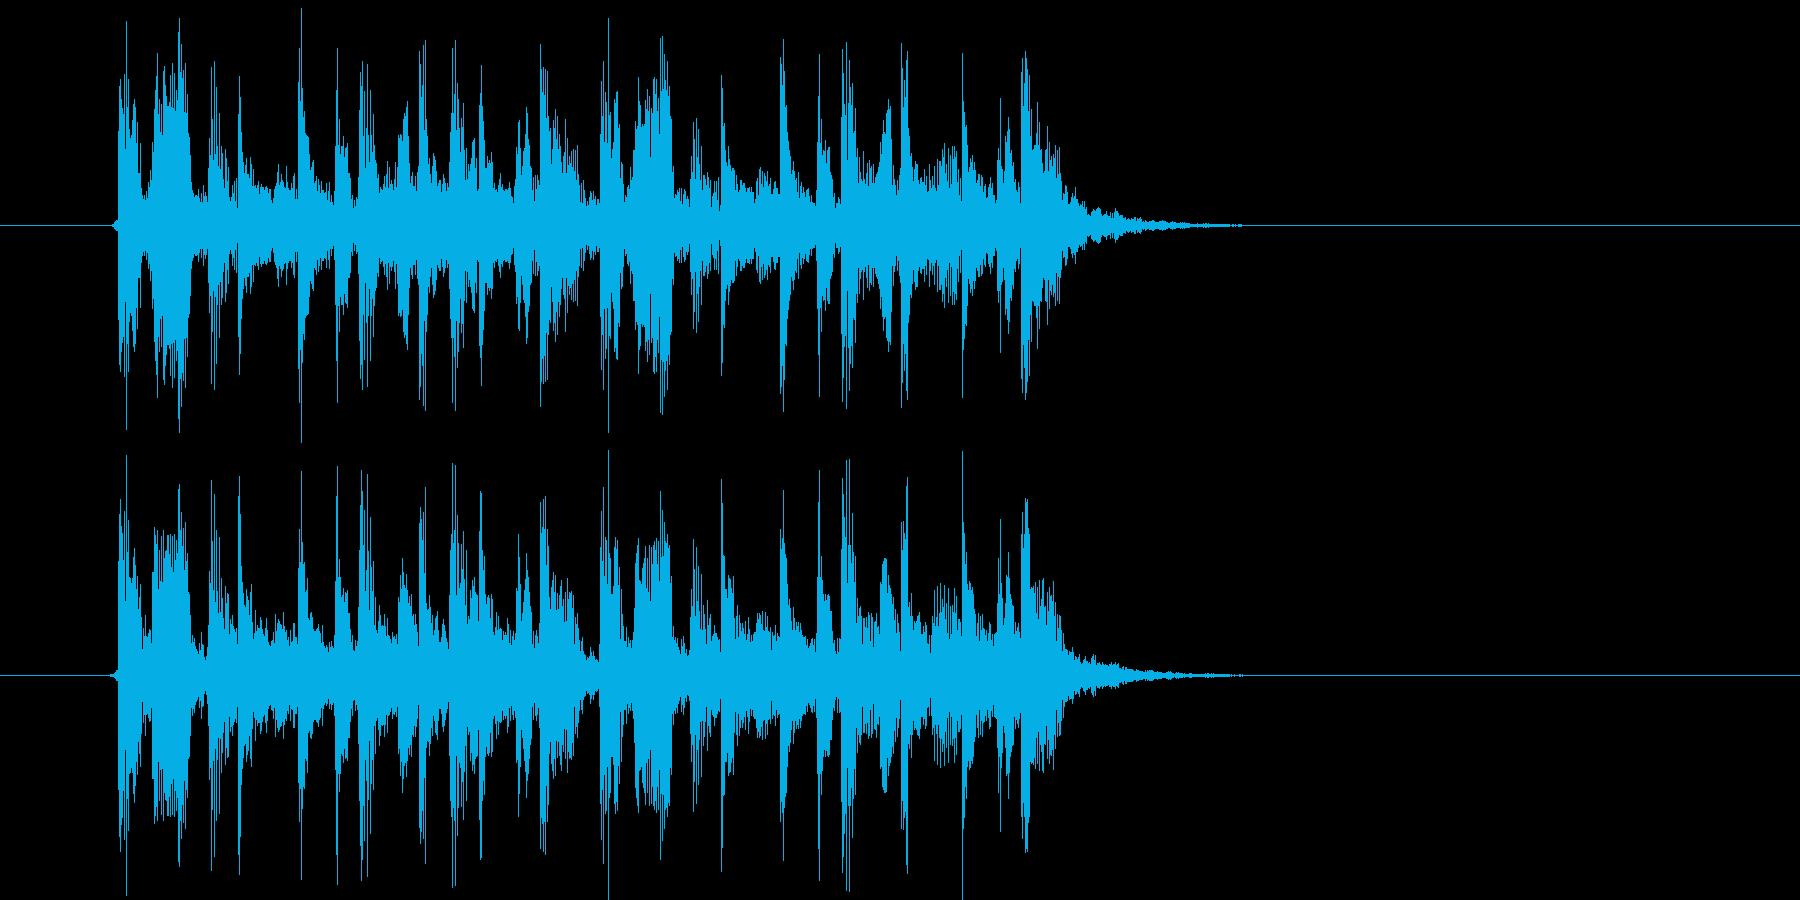 リズミカルでアップテンポなジングルの再生済みの波形